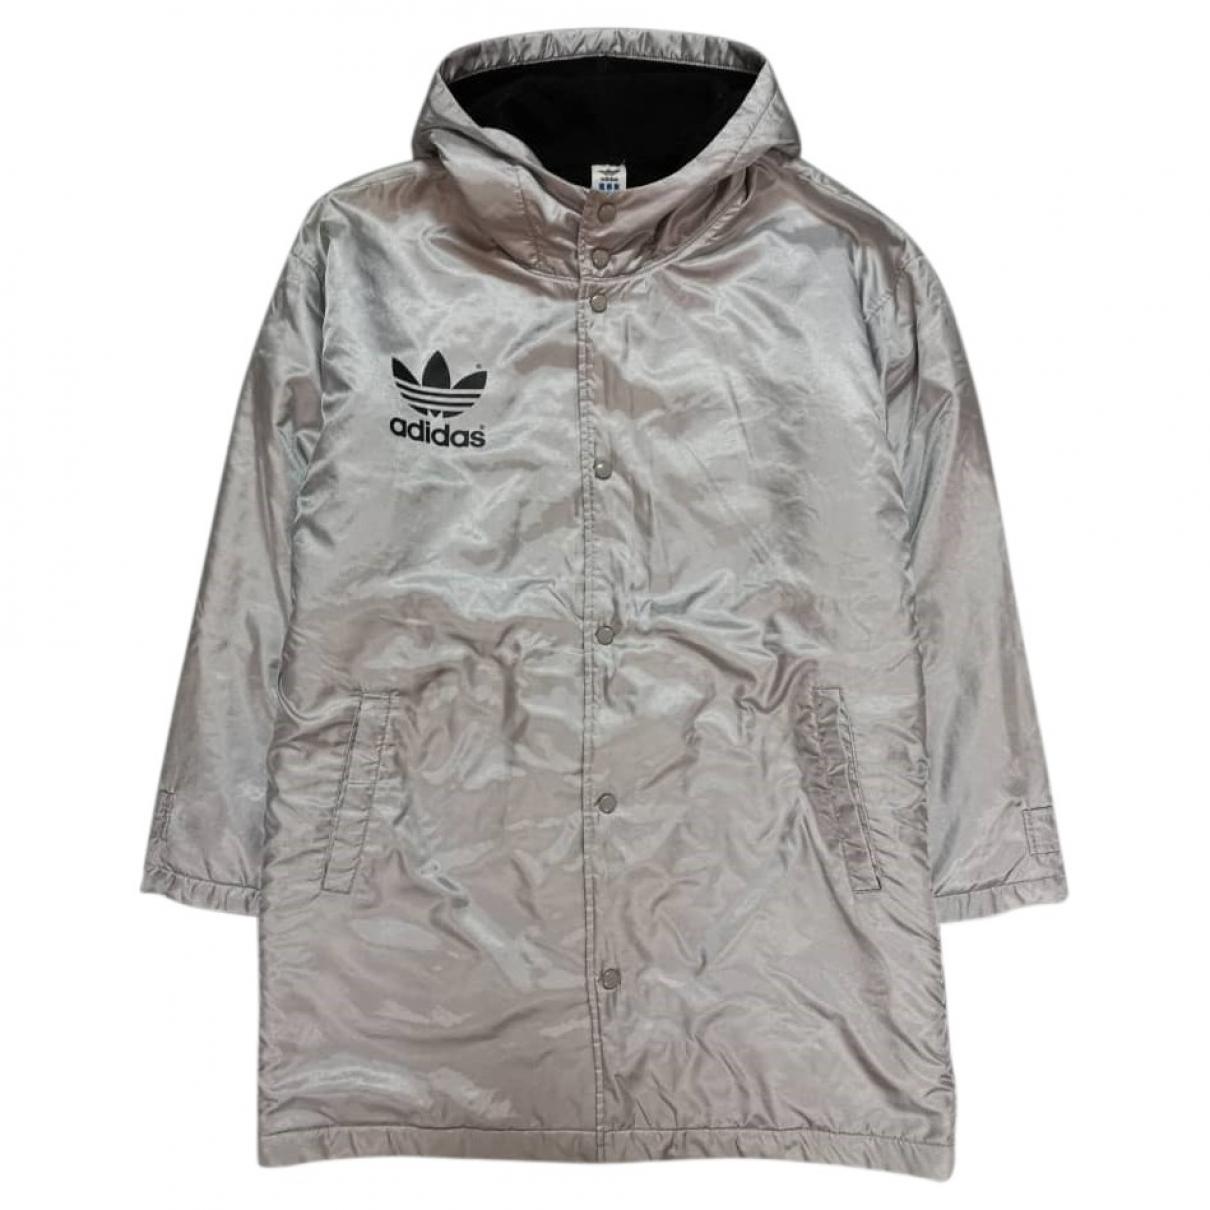 Adidas \N Grey coat  for Men XL International